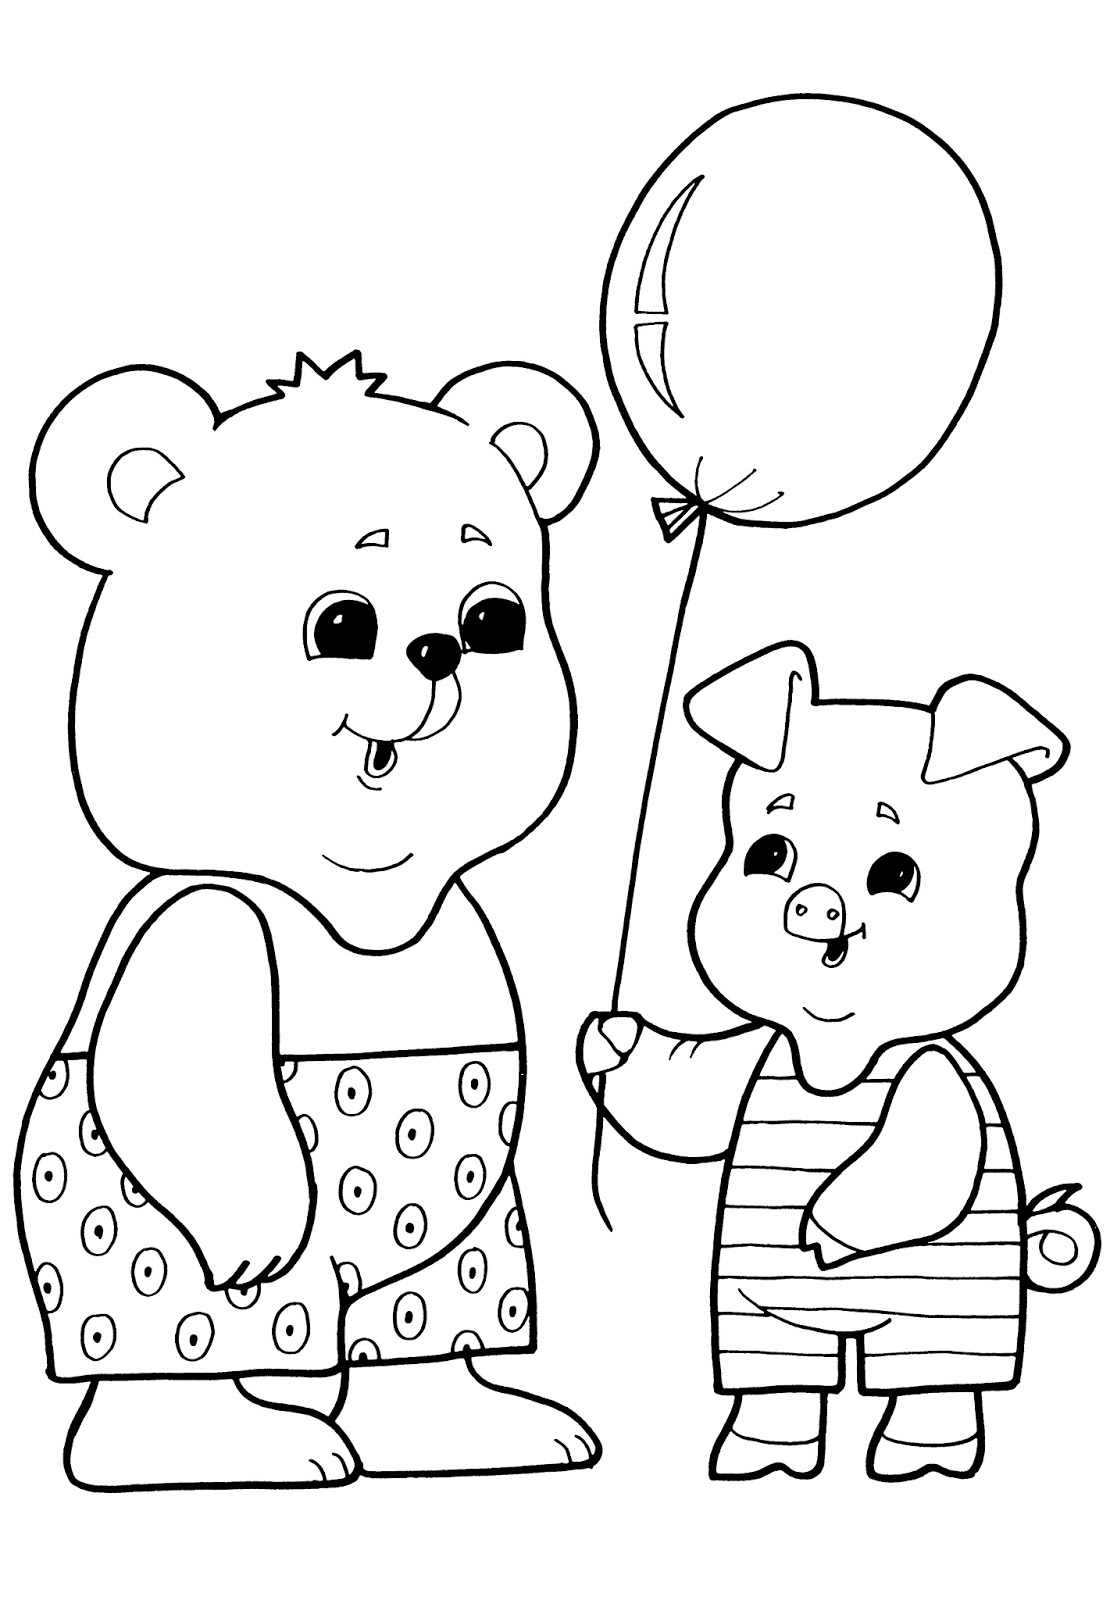 Раскраски своими руками для малышей